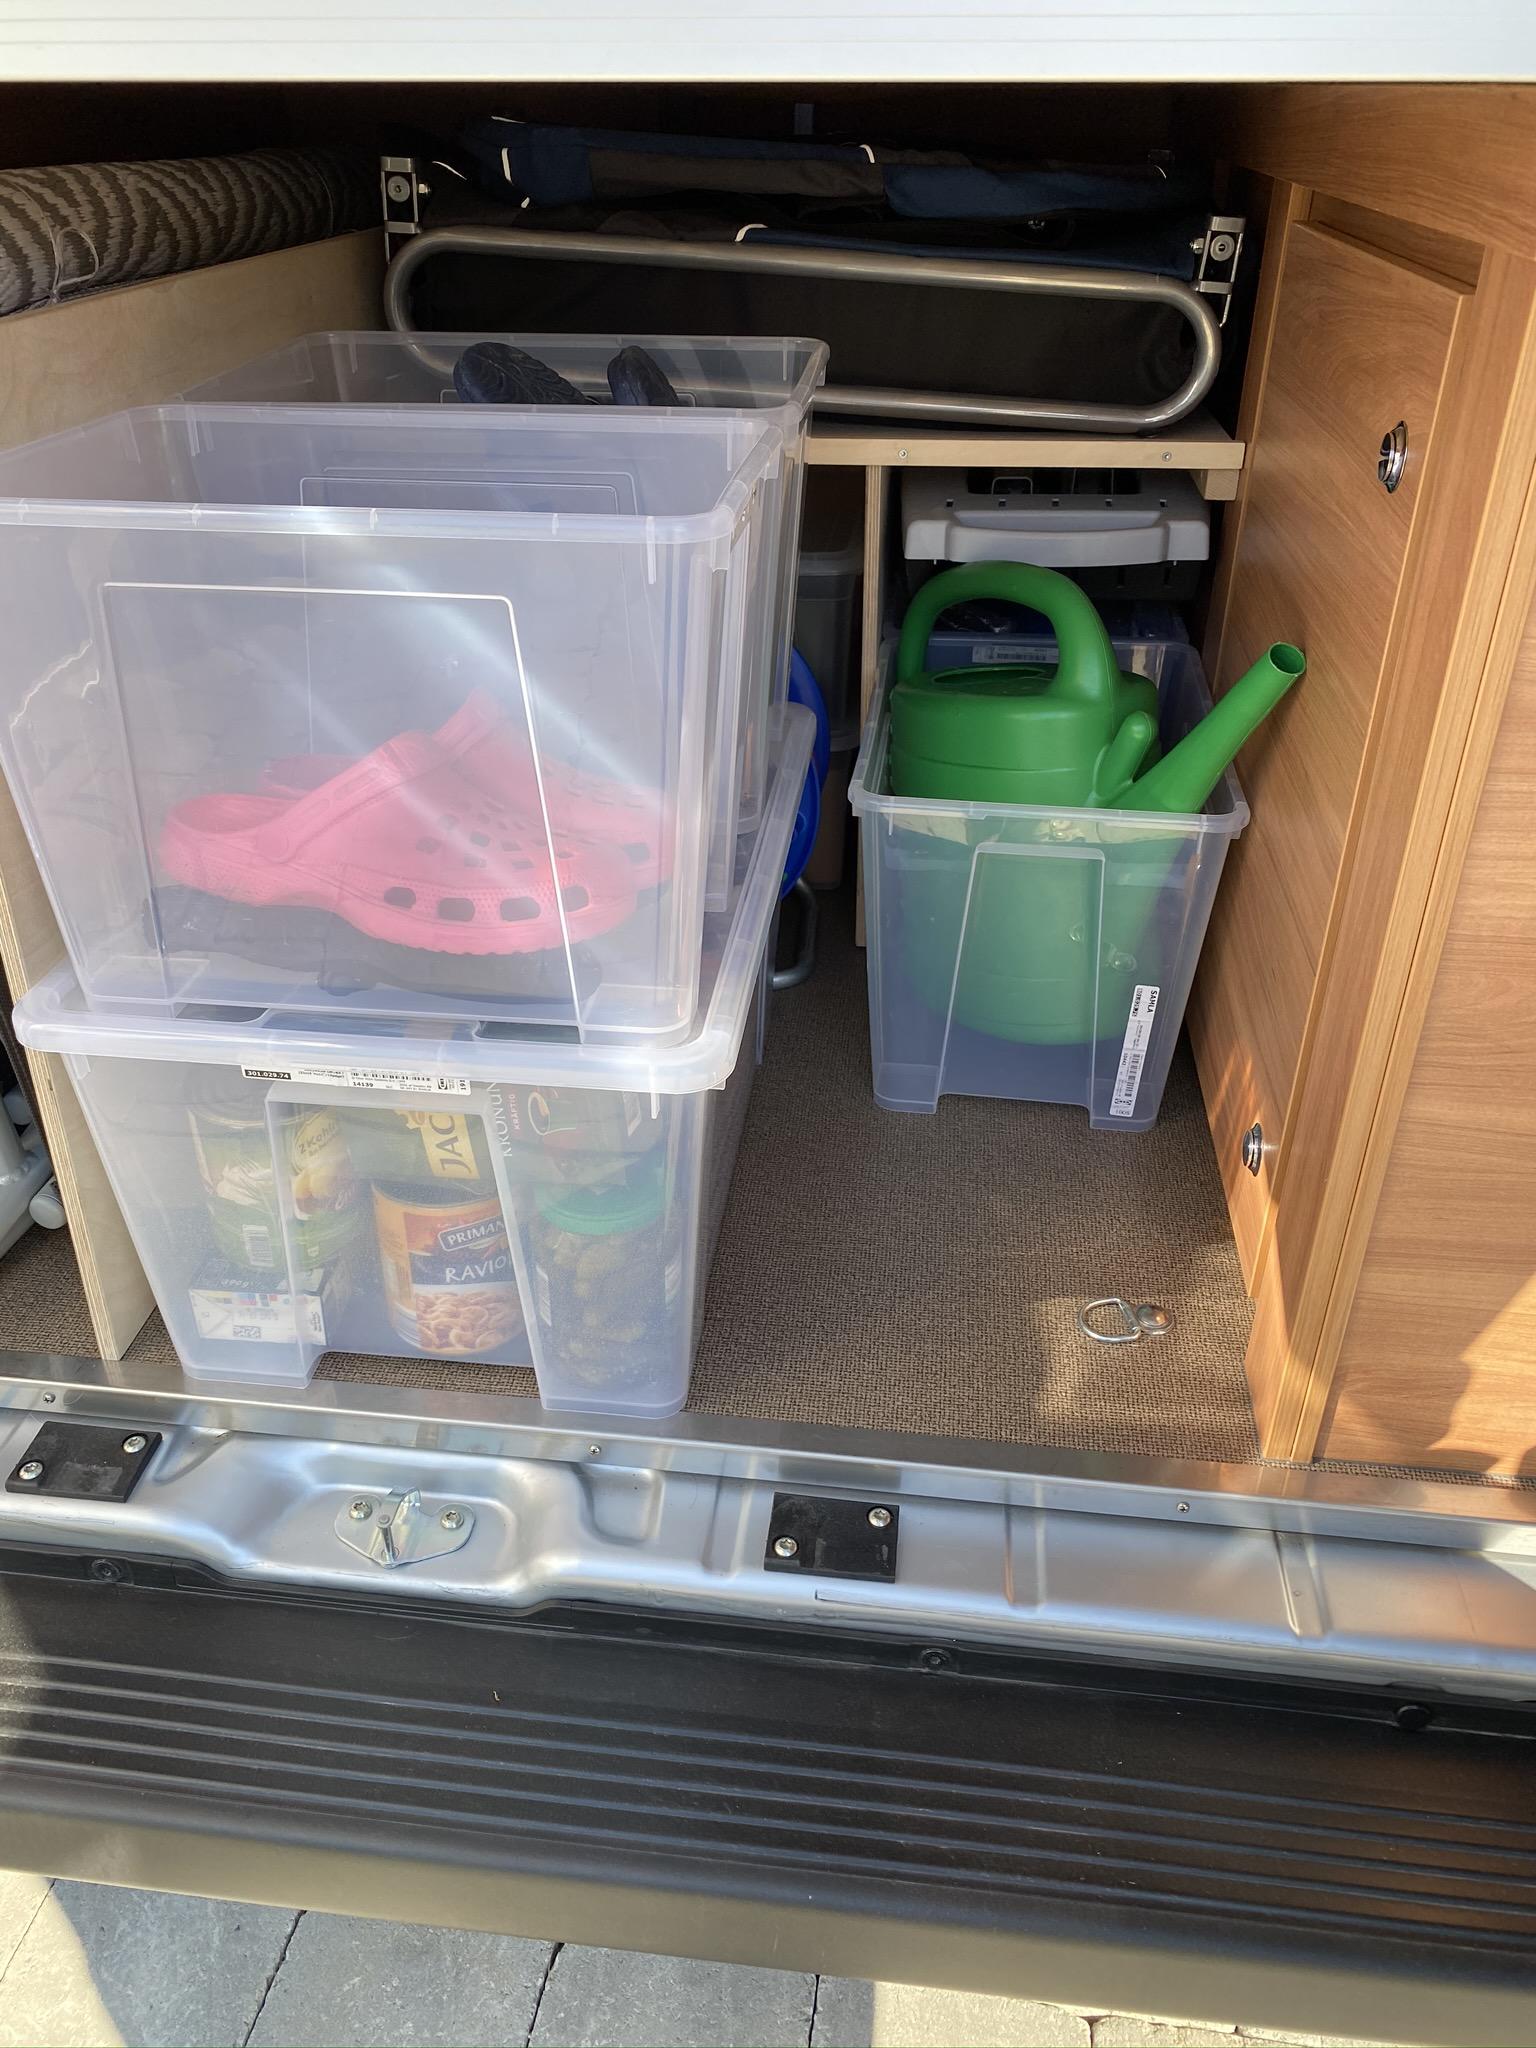 und davor die für die Dame, rechts ist noch eine freie Kiste und Platz für Getränke.